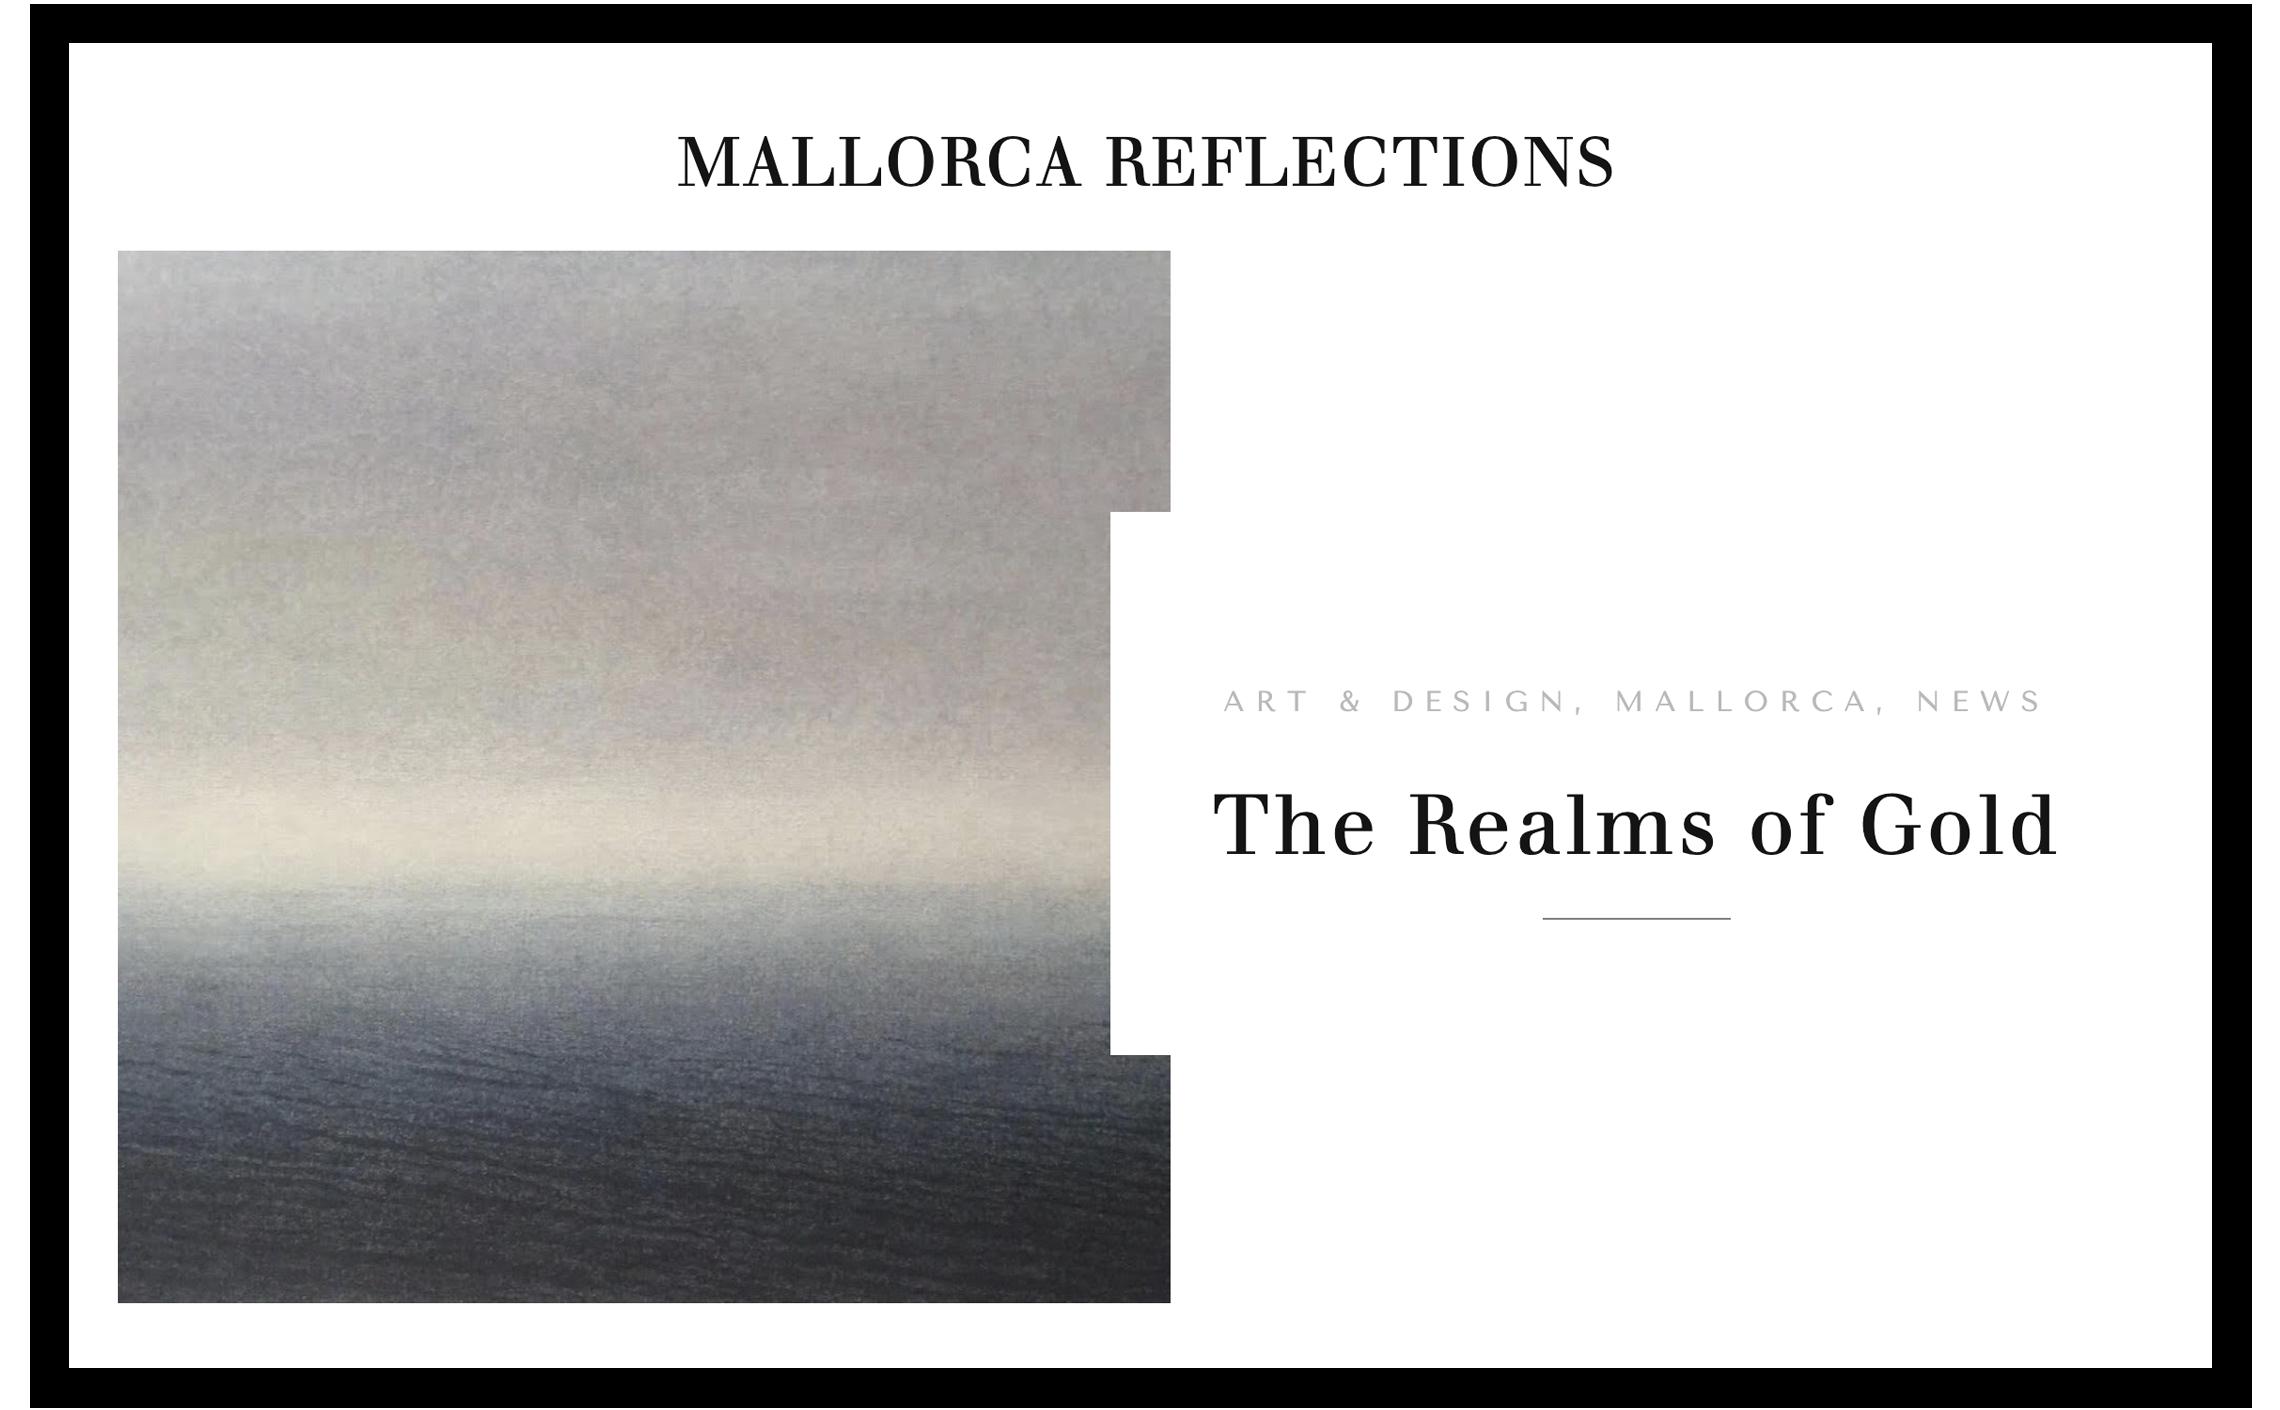 Mallorca Reflections Thumbnail.png